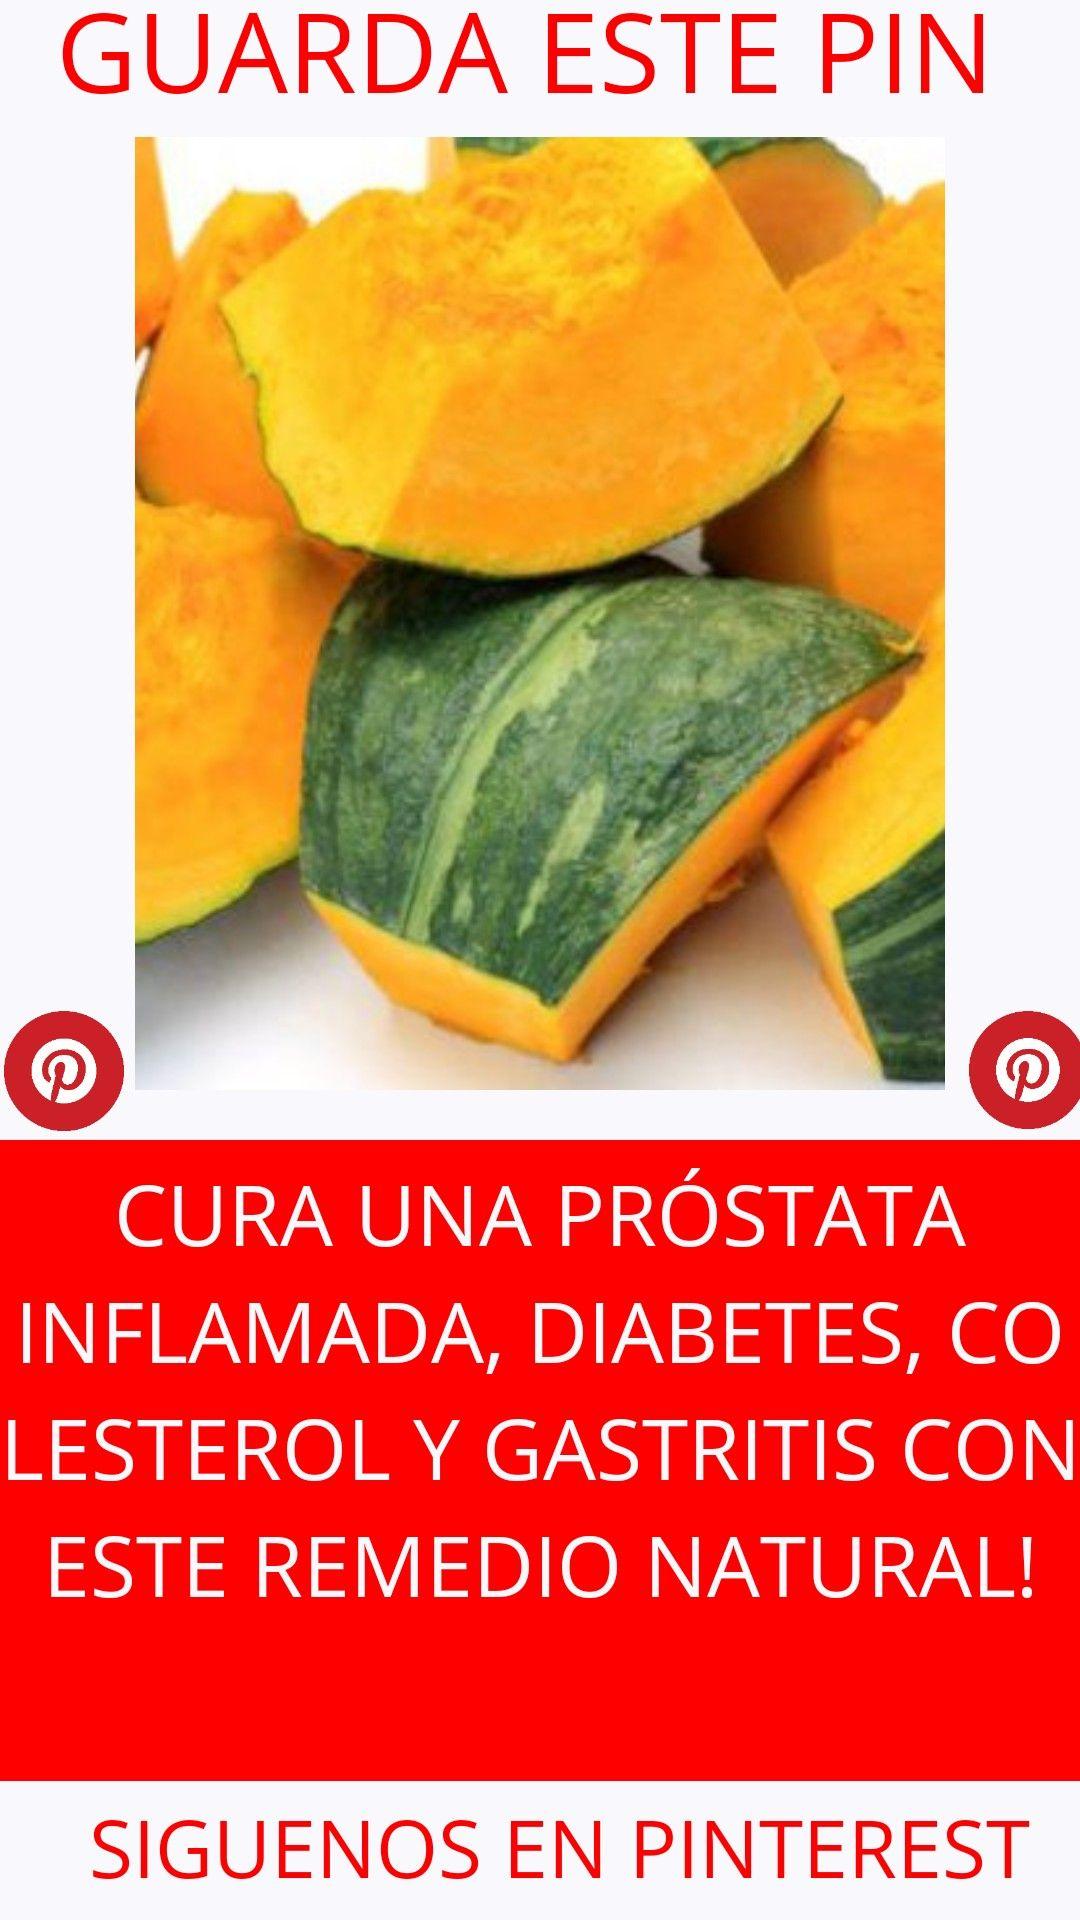 próstata inflamada pierde peso en